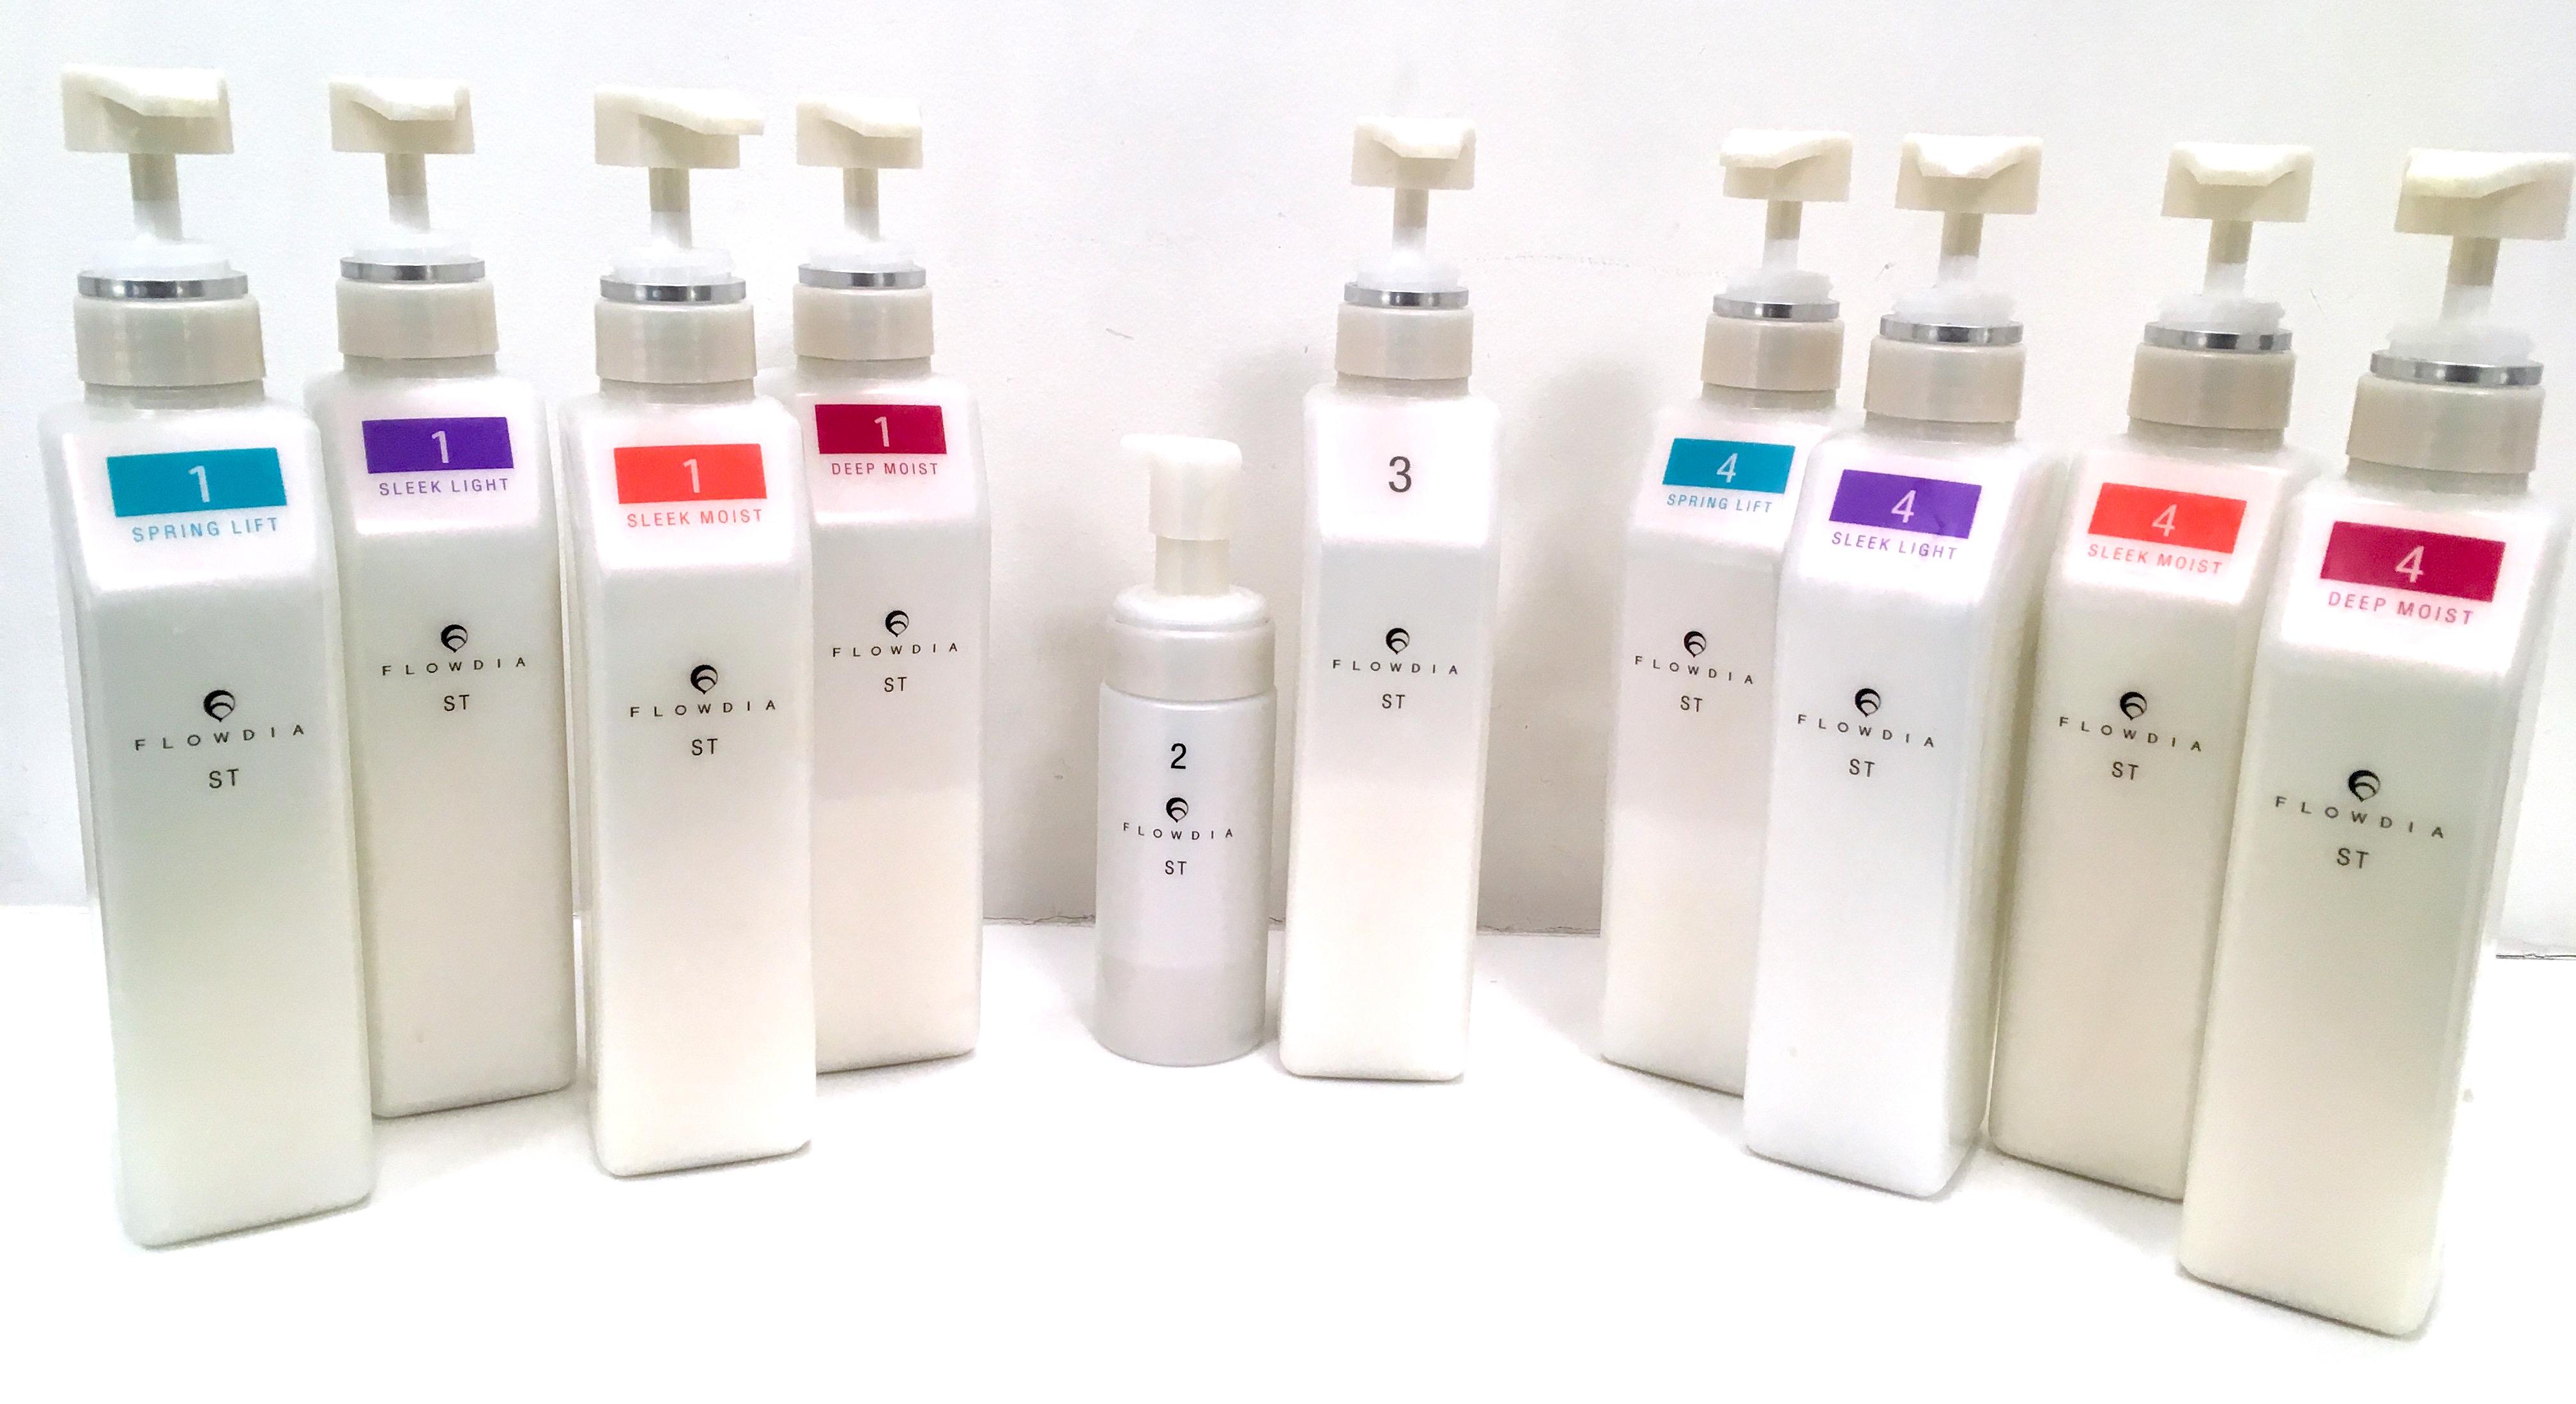 基本のカラー剤はオーガニックベースです。ヒアルロン酸・コラーゲン・プラチナナノコロイド配合だから通常のカラーよりサラ艶な仕上がり!丁寧なカウンセリングと豊富な薬剤で肌を美しく魅せるカラーを提案♪髪に優しいダメージレスなカラーにリピーター多数